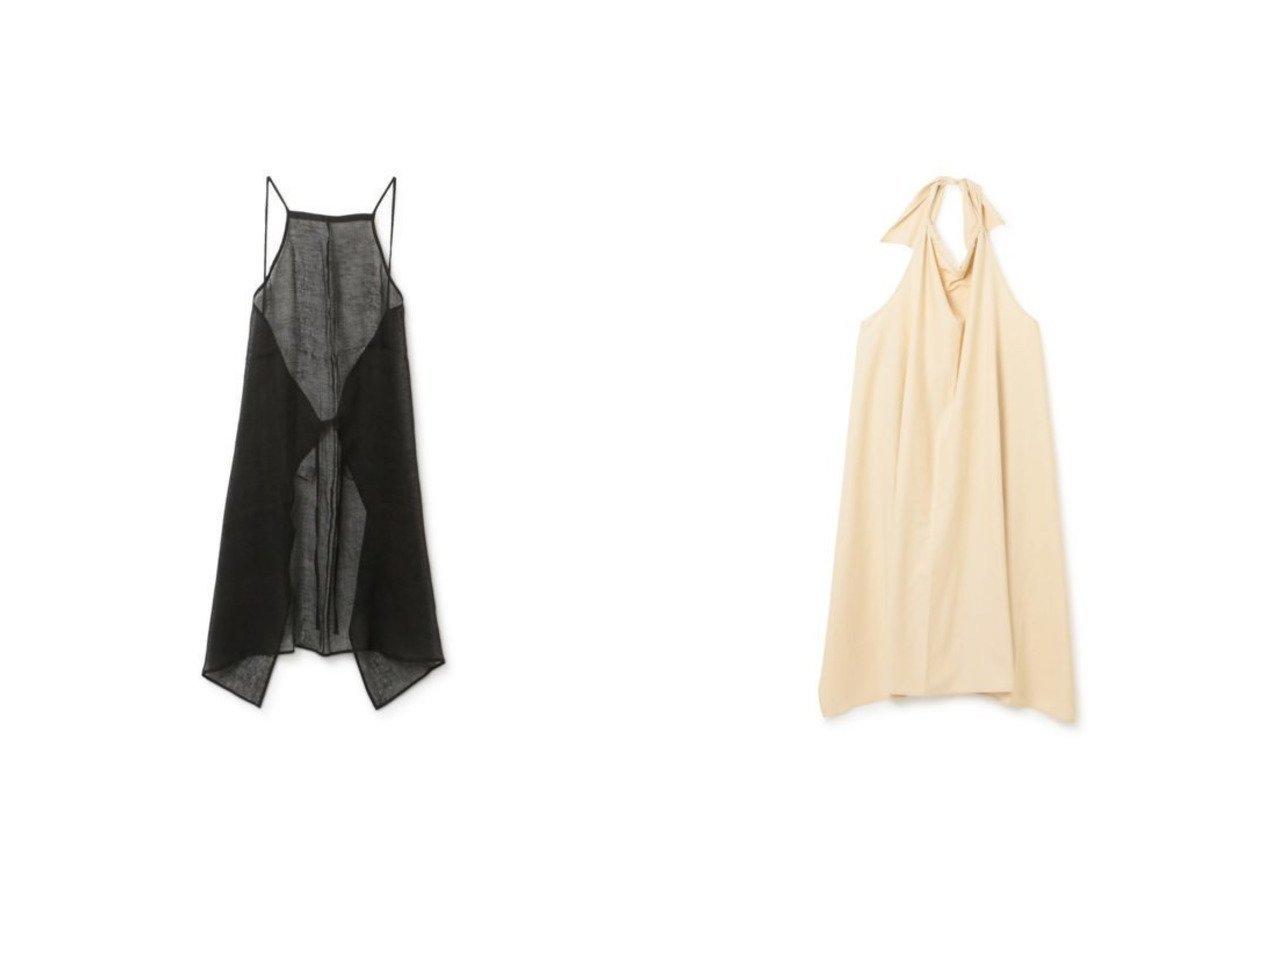 【Baserange/ベースレンジ】のYUMI APRON&DOUR APRON DRESS ワンピース・ドレスのおすすめ!人気、トレンド・レディースファッションの通販 おすすめで人気の流行・トレンド、ファッションの通販商品 メンズファッション・キッズファッション・インテリア・家具・レディースファッション・服の通販 founy(ファニー) https://founy.com/ ファッション Fashion レディースファッション WOMEN ワンピース Dress ドレス Party Dresses インナー ドレス ノースリーブ フォーマル リネン シルク モダン ロング  ID:crp329100000009389